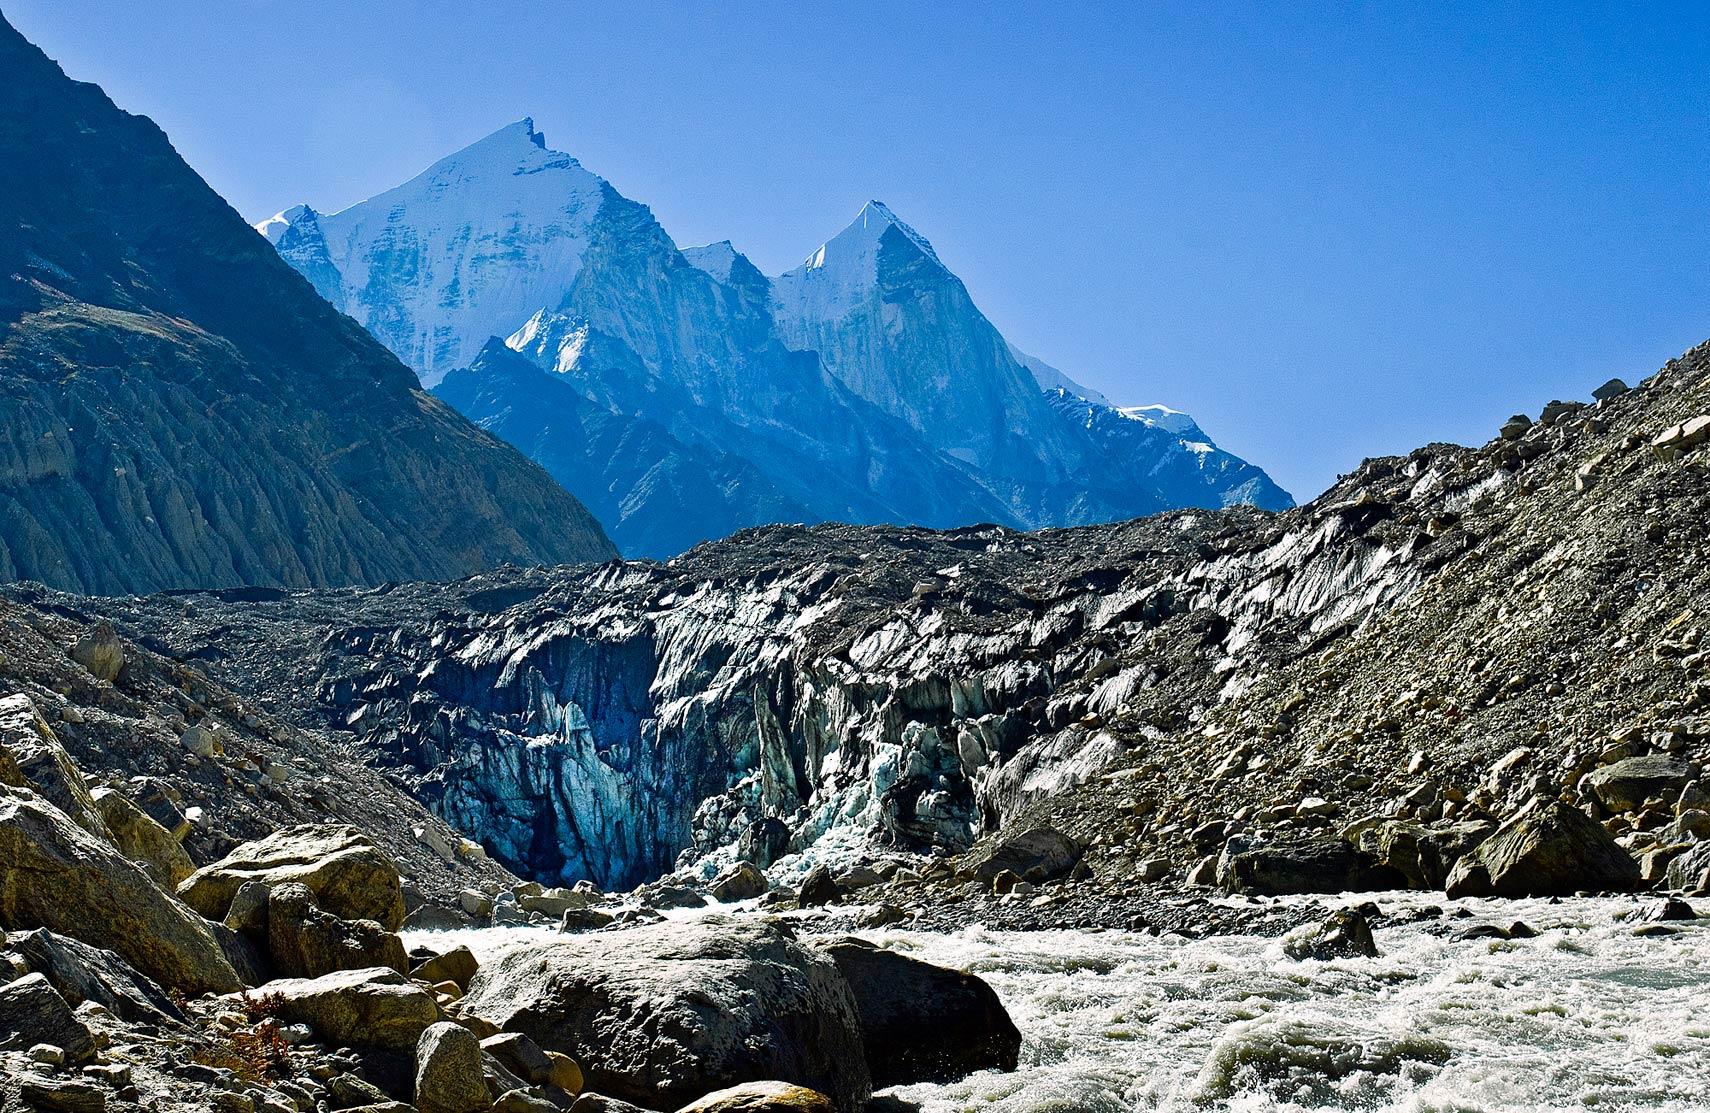 Gomukh, terminus of the Gangotri glacier, Uttarakhand, India